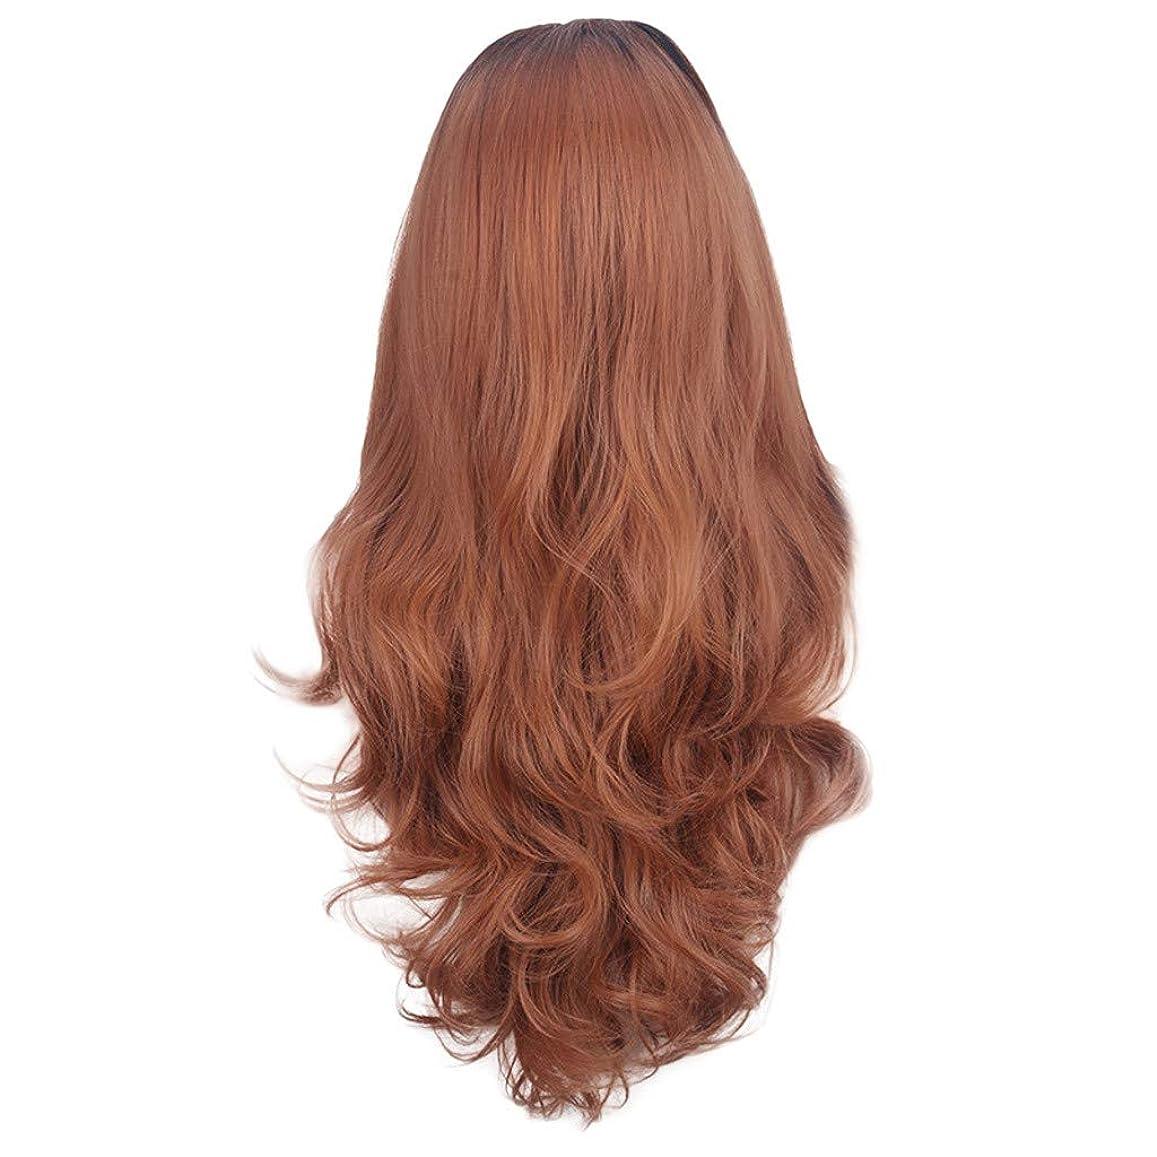 酸素基準魅了する茶色の女性のかつらの長い巻き毛のフロントレースかつら80CM